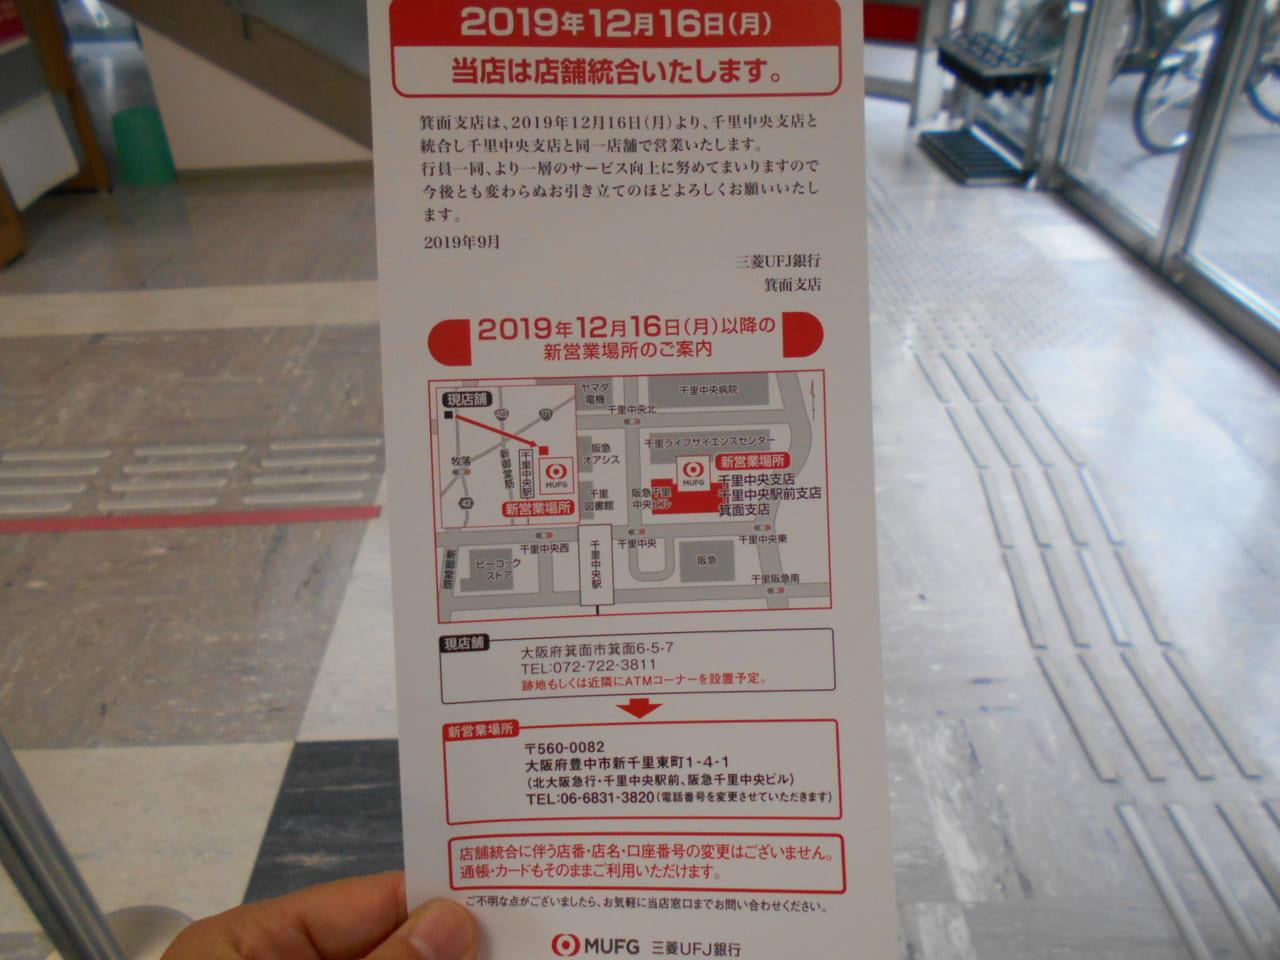 三菱ufj銀行 点番